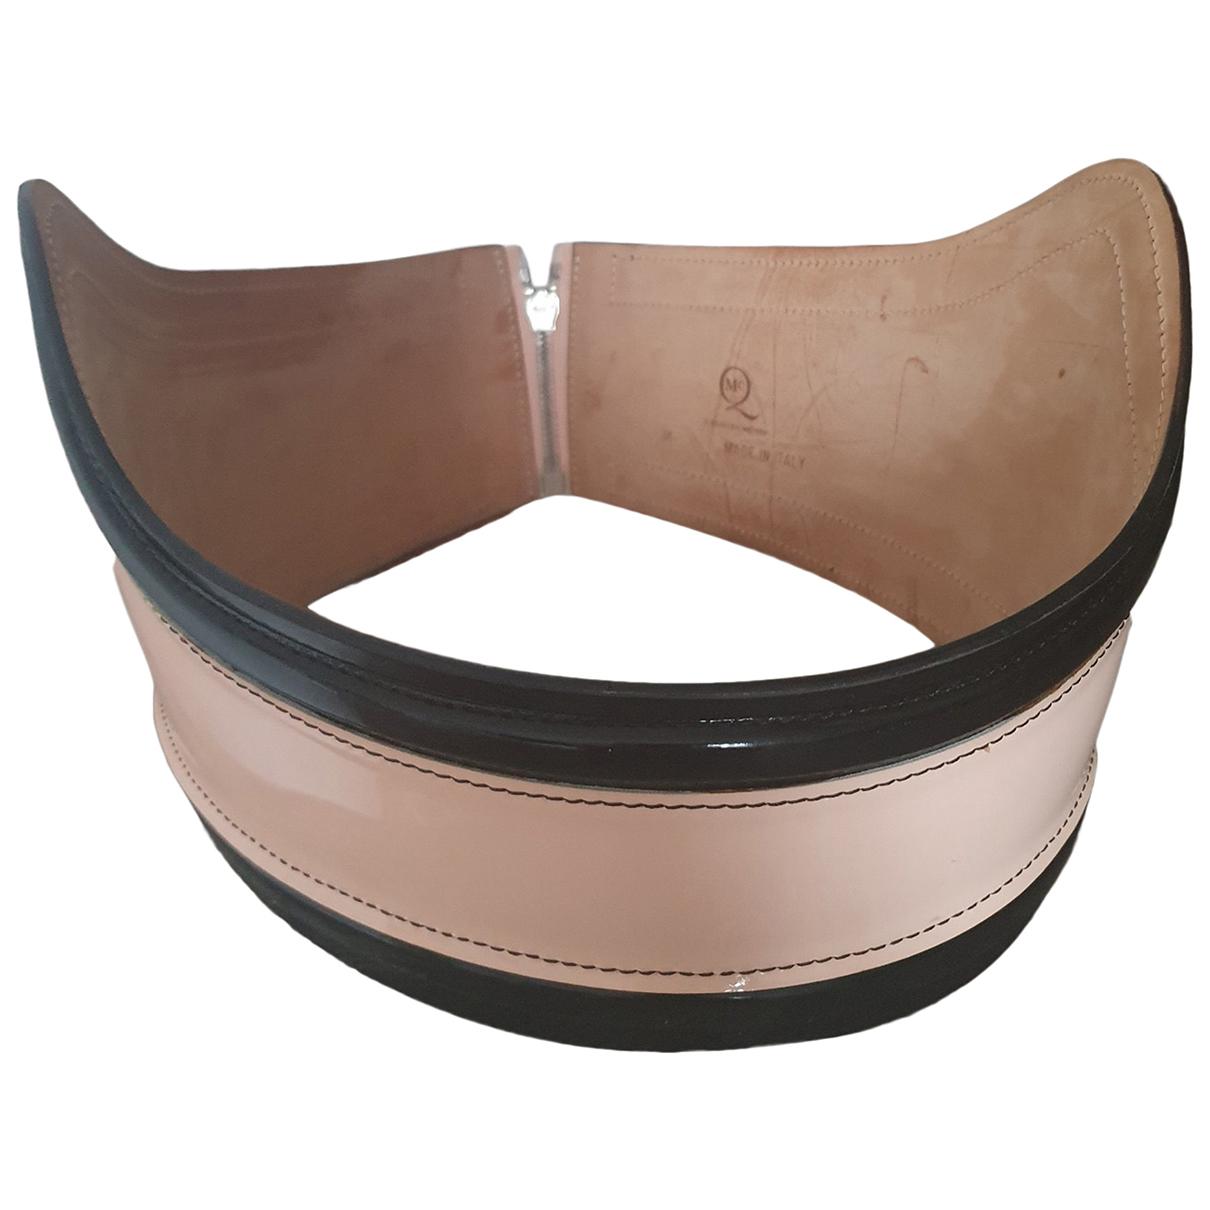 Cinturon de Charol Mcq